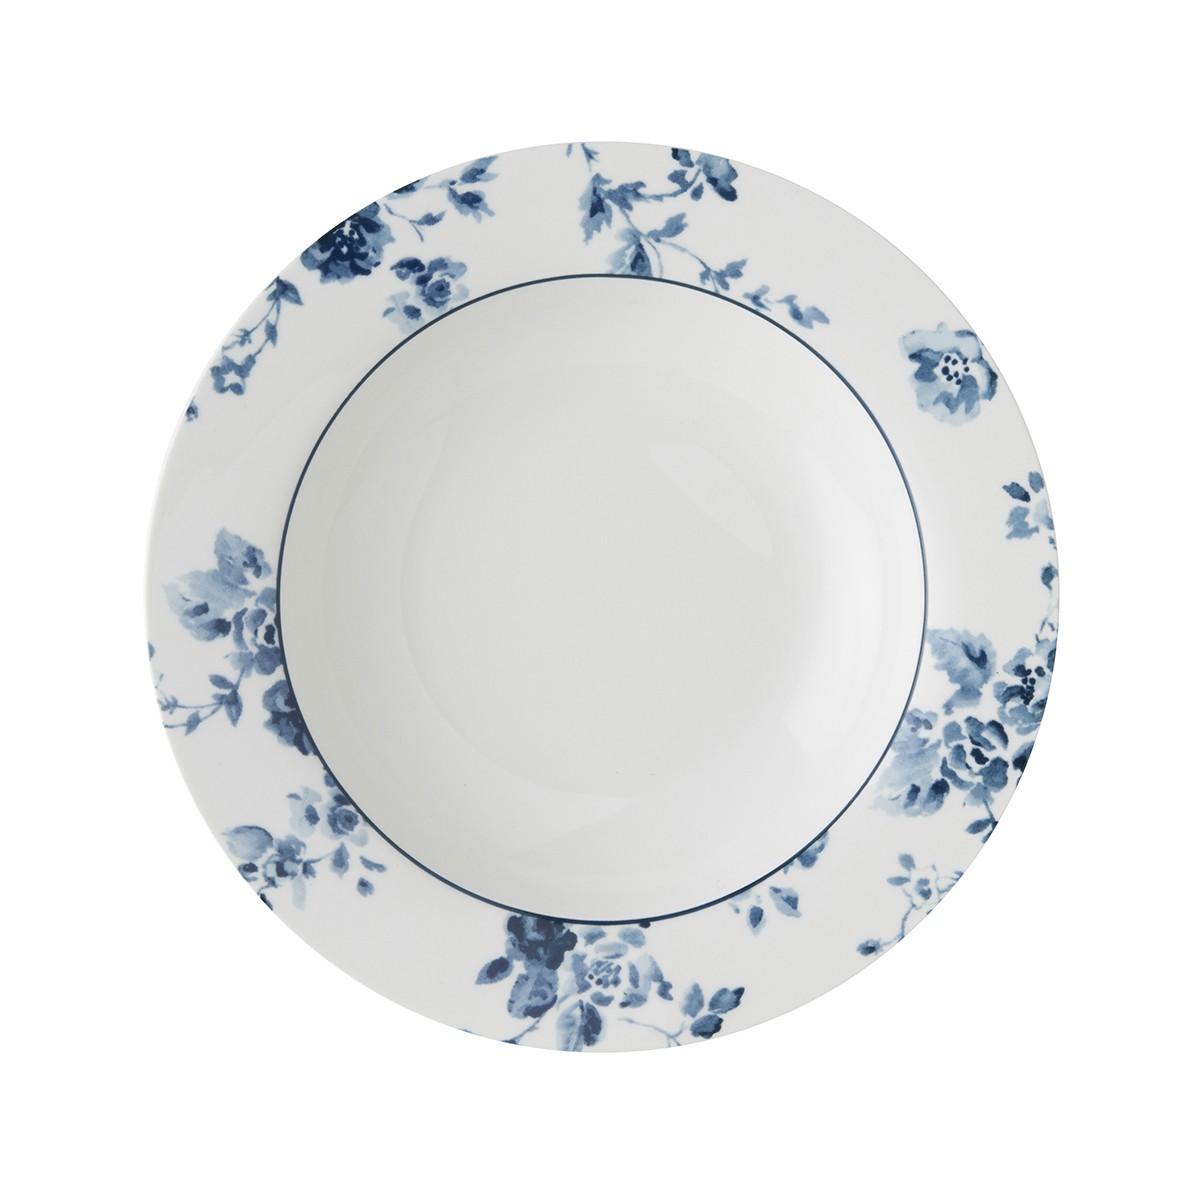 Πιάτο Βαθύ Rose Laura Ashley 22cm home   ειδη σερβιρισματος   πιάτα